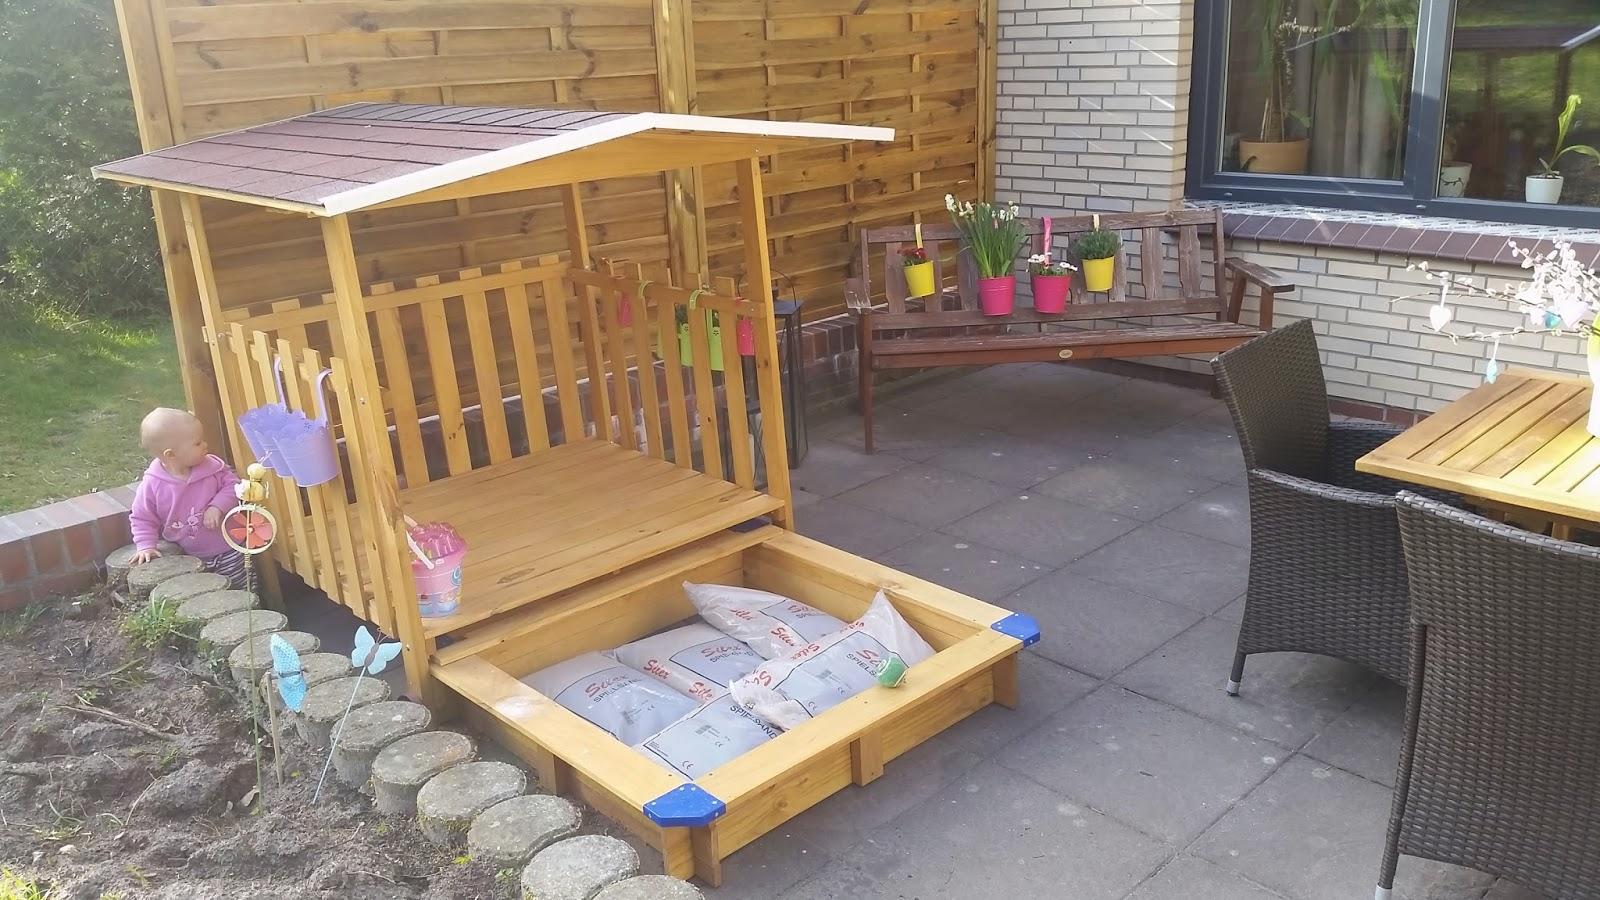 Family Bakery More ALDI Sandkasten Mit Spielhaus